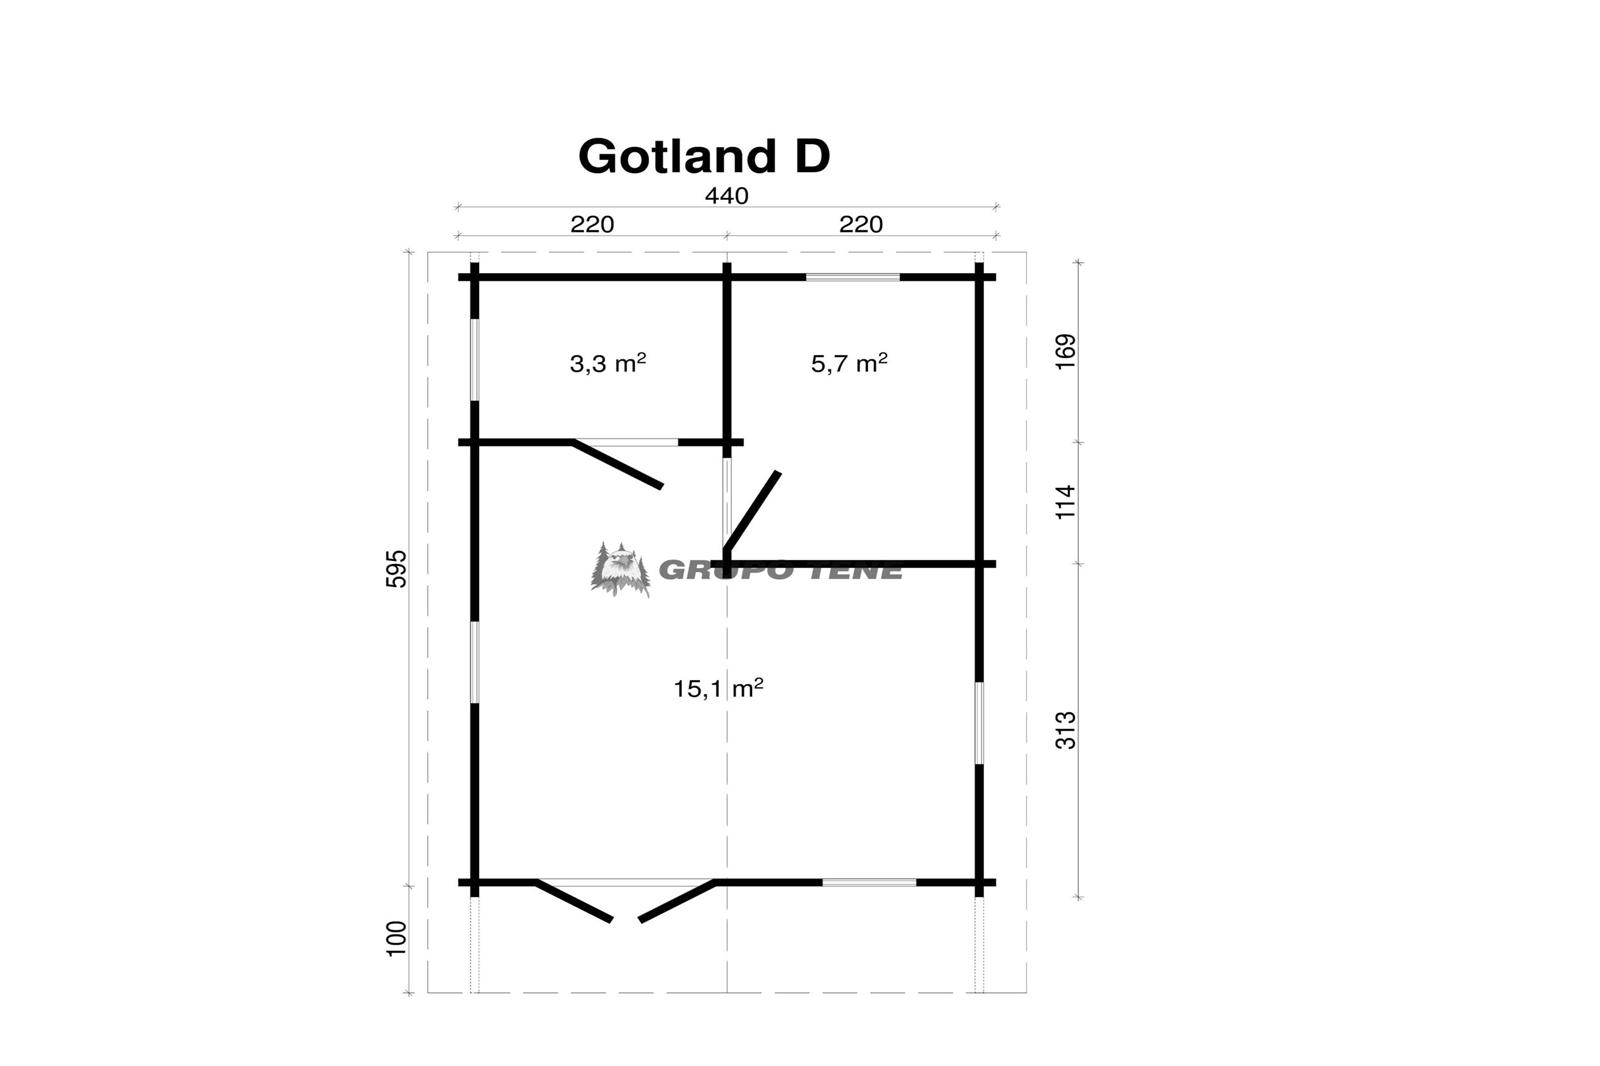 plano gotland d